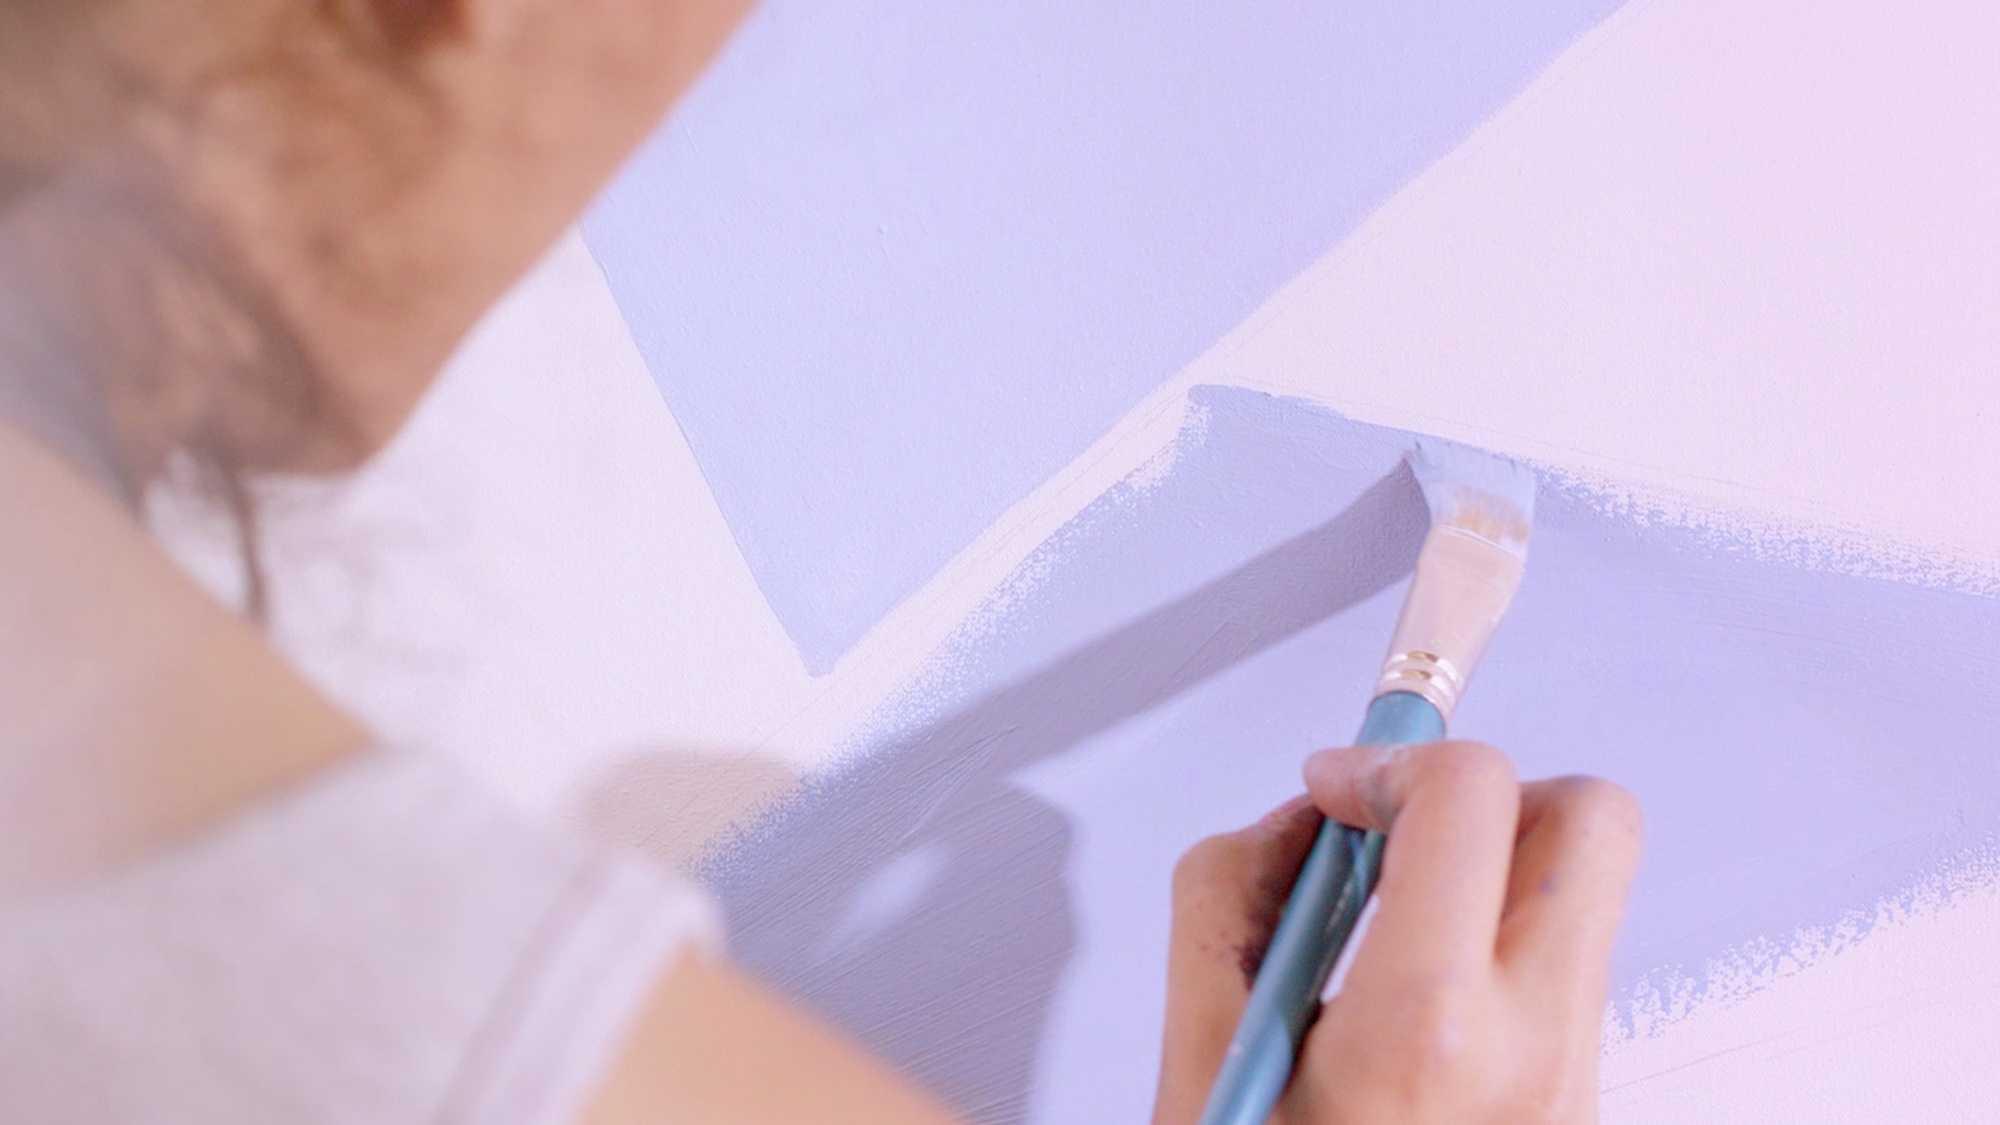 Das Bild zeigt den Ausschnitt einer Leinwand. Auf dieser wird gemalt. Ein Pinsel zeichnet blaue Dreiecke. Der Pinsel wird von einer Frau gehalten die in der linken Seite des Bildes zu sehen ist. Das Bild dient als Sliderbild für den Portfolioeintrag BMW Plant San Luis Potosí Mexico von Panda Pictures.